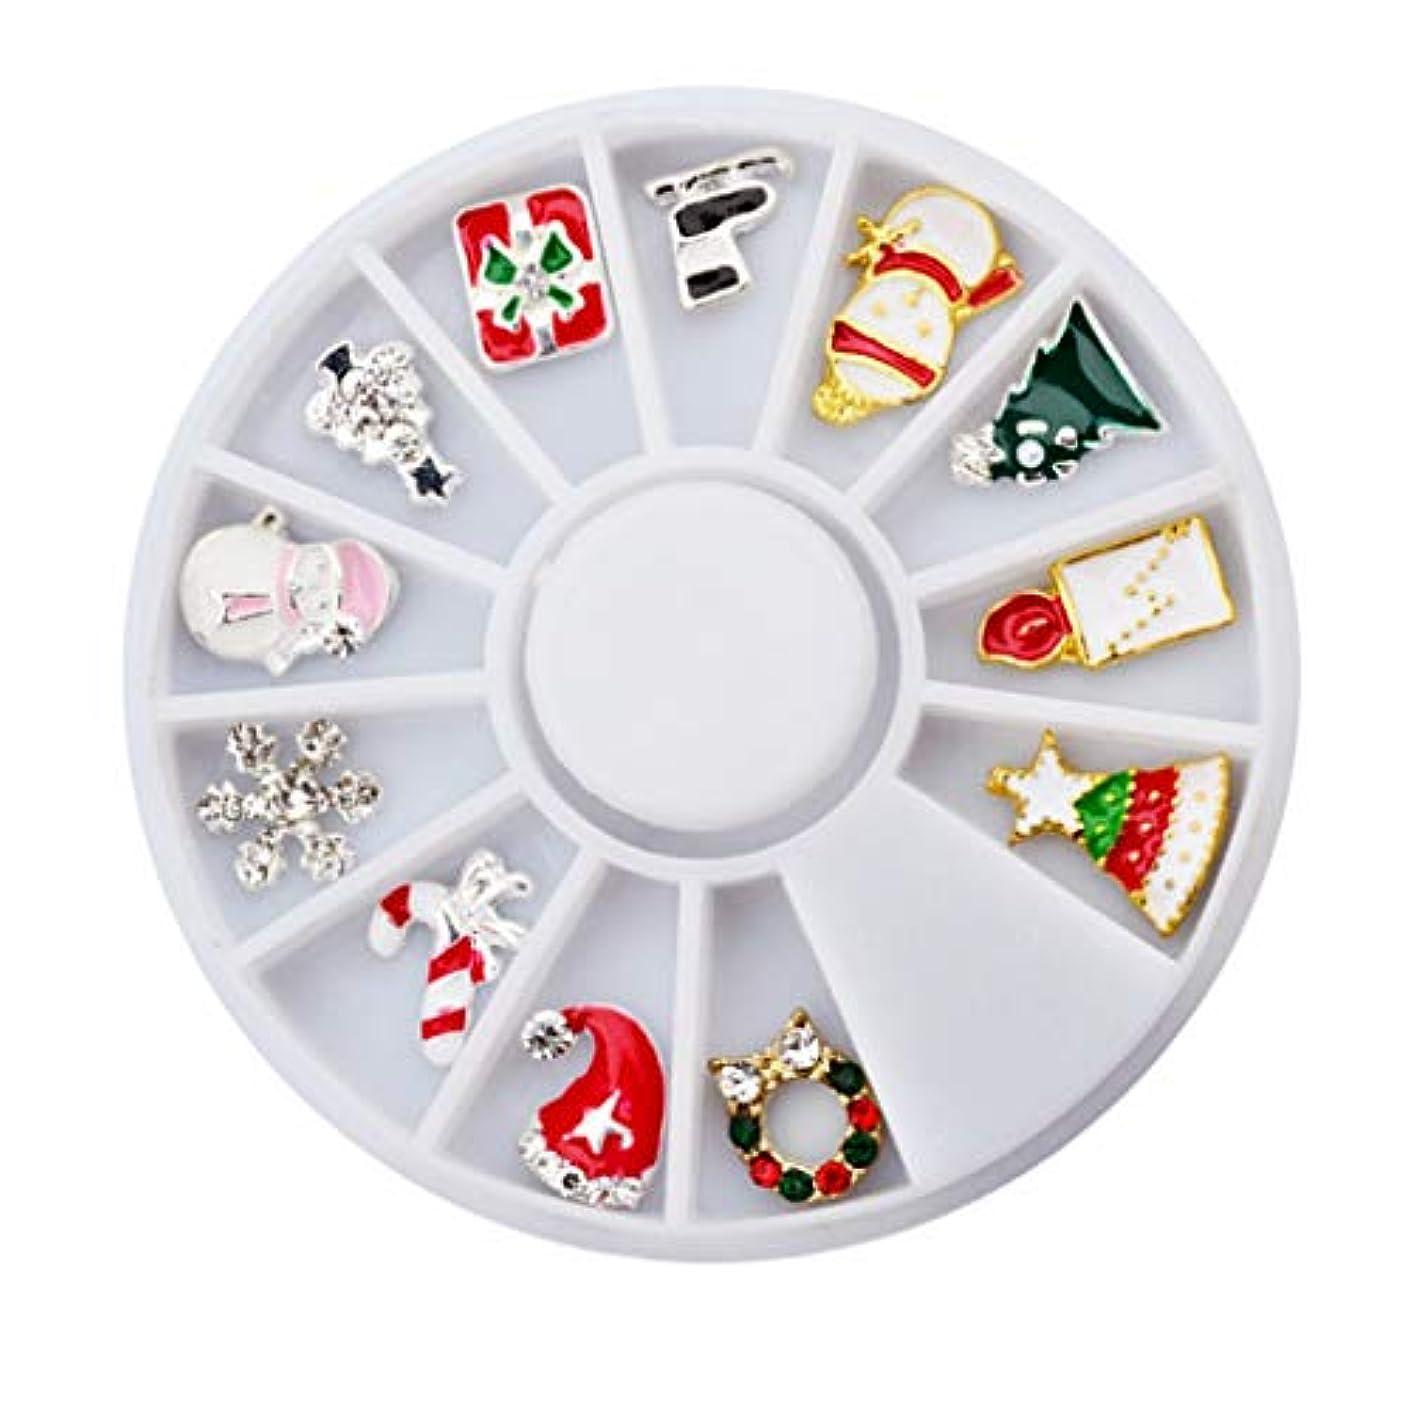 忠実学者エリートToygogo ネイルアート3Dアクセサリー12個混合クリスマス合金デカールDIY飾り装飾ステッカー